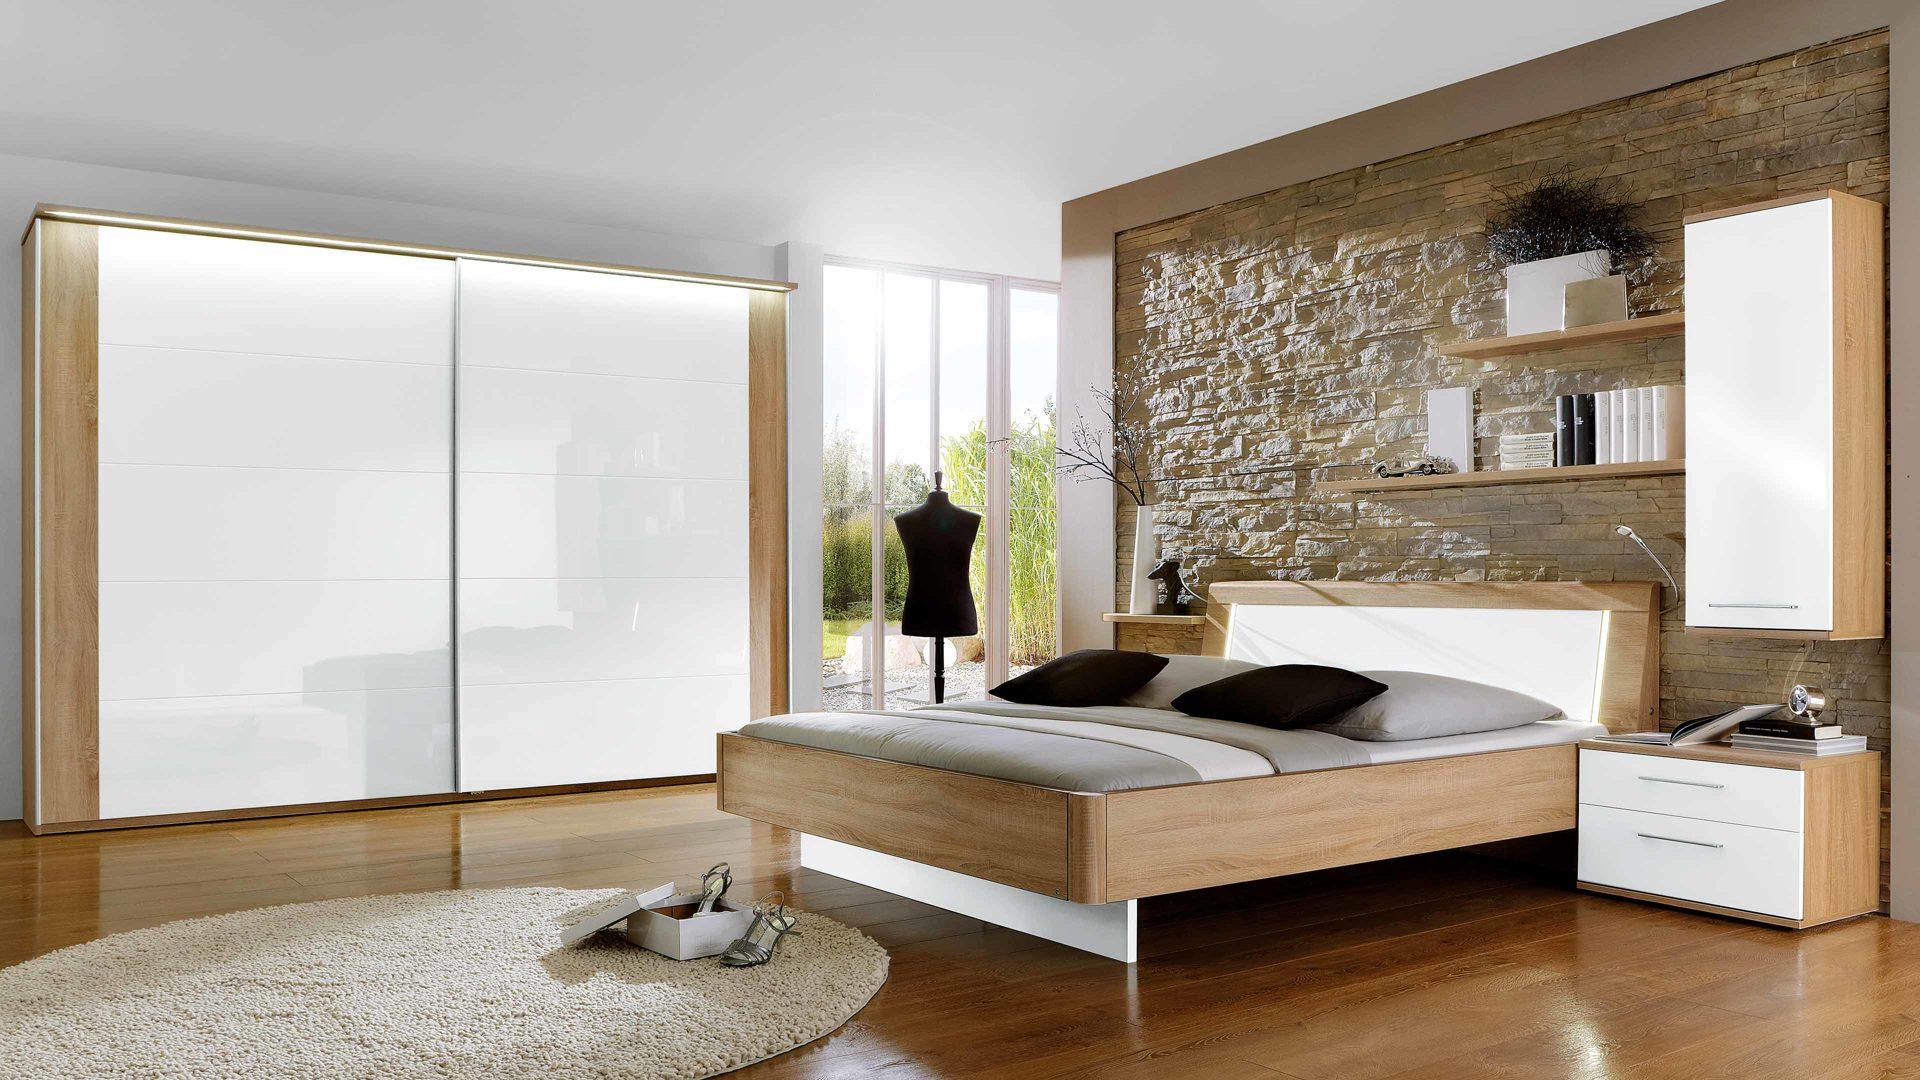 funvit | englische möbel für das schlafzimmer, Schlafzimmer entwurf